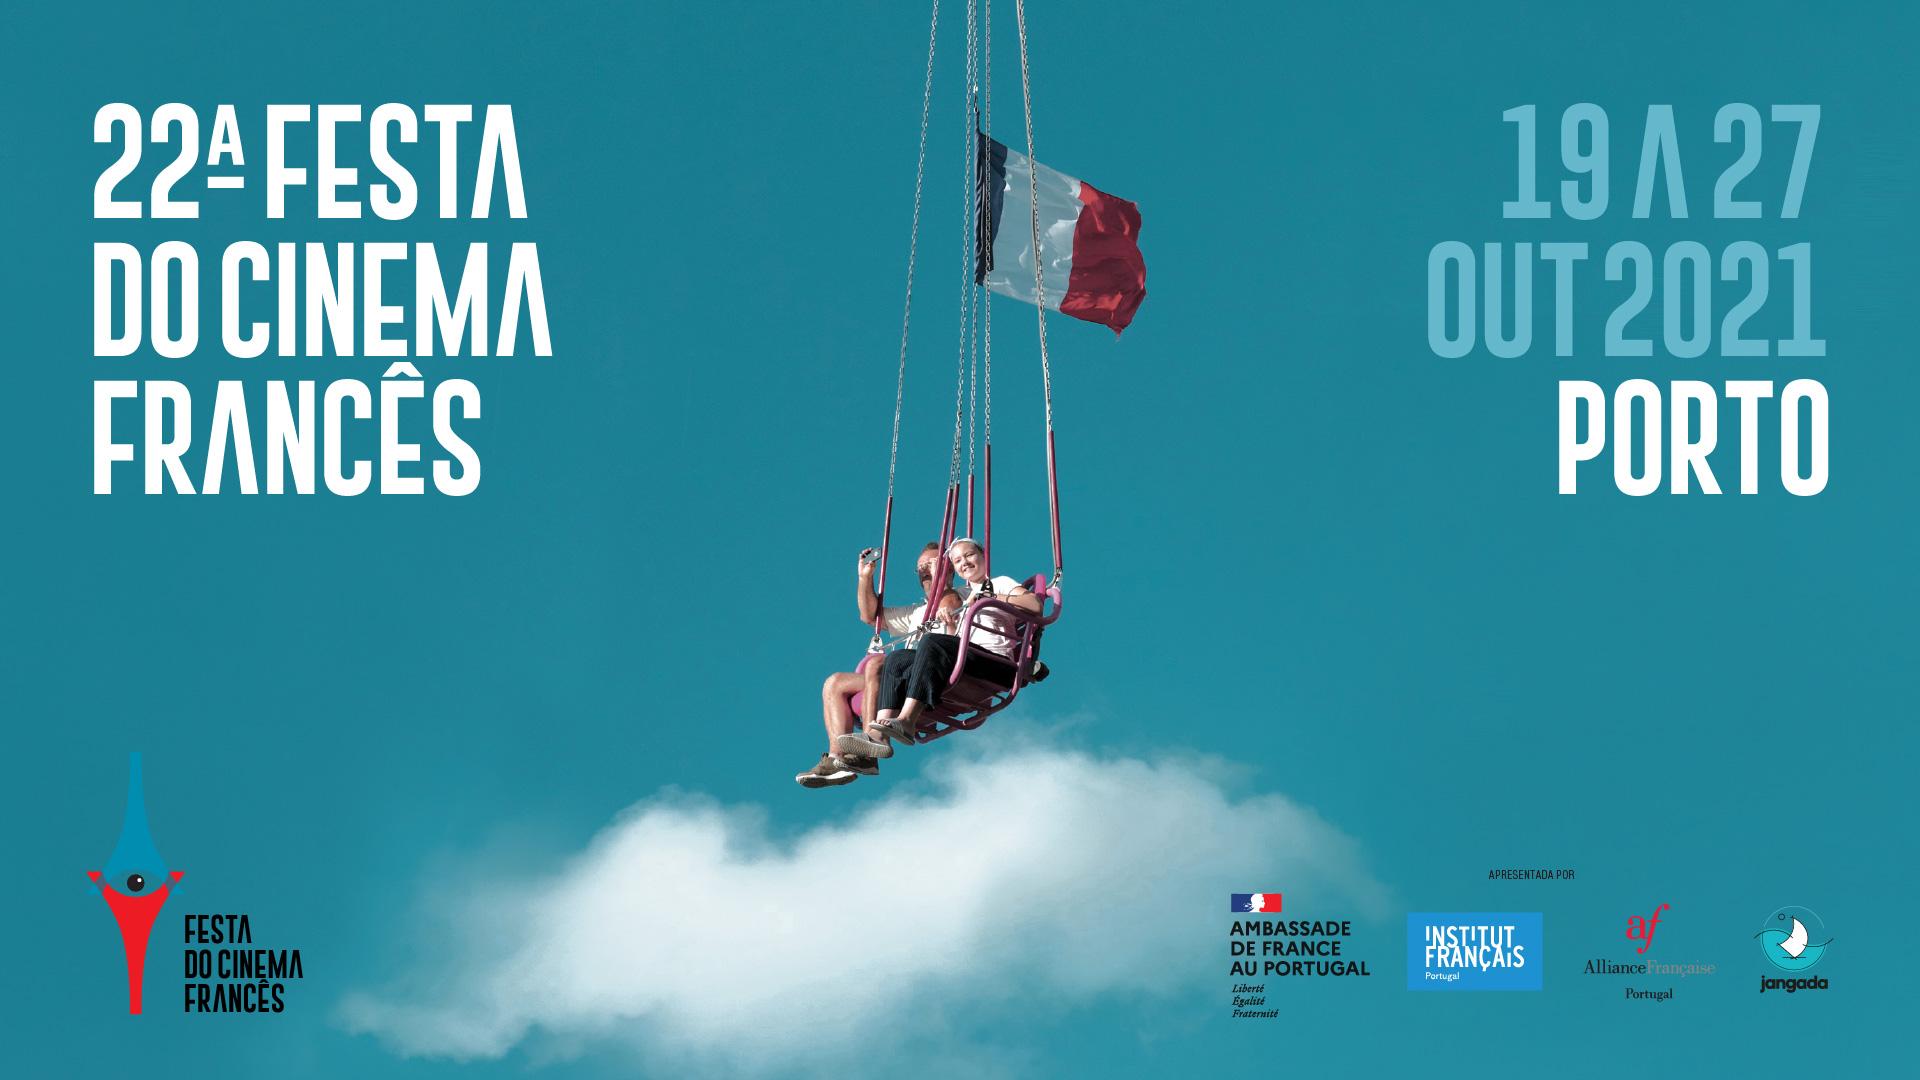 22ª Festa do Cinema Francês . Porto